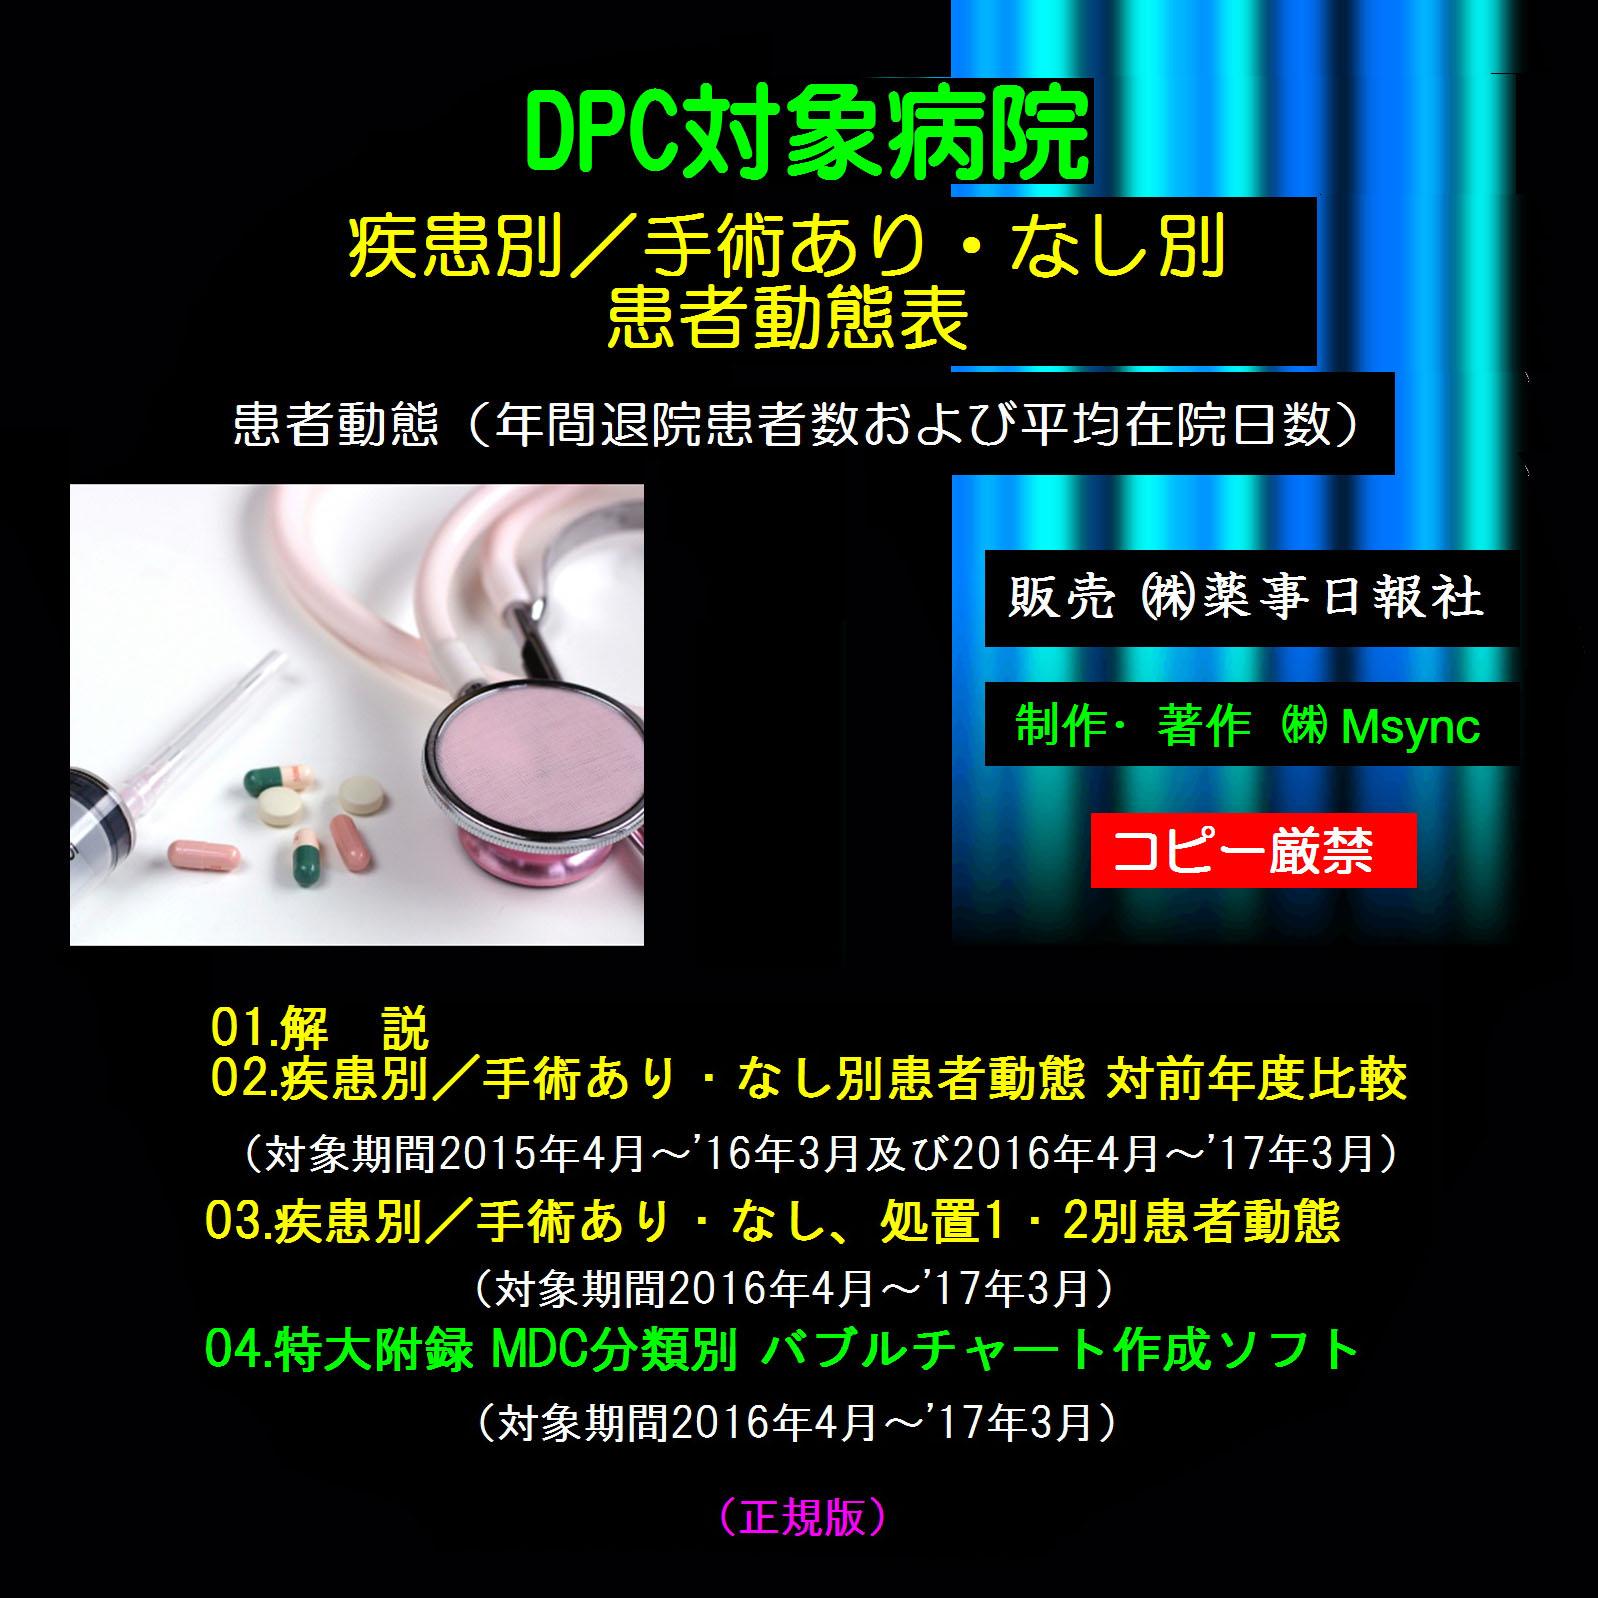 DPC対象病院 患者動態表